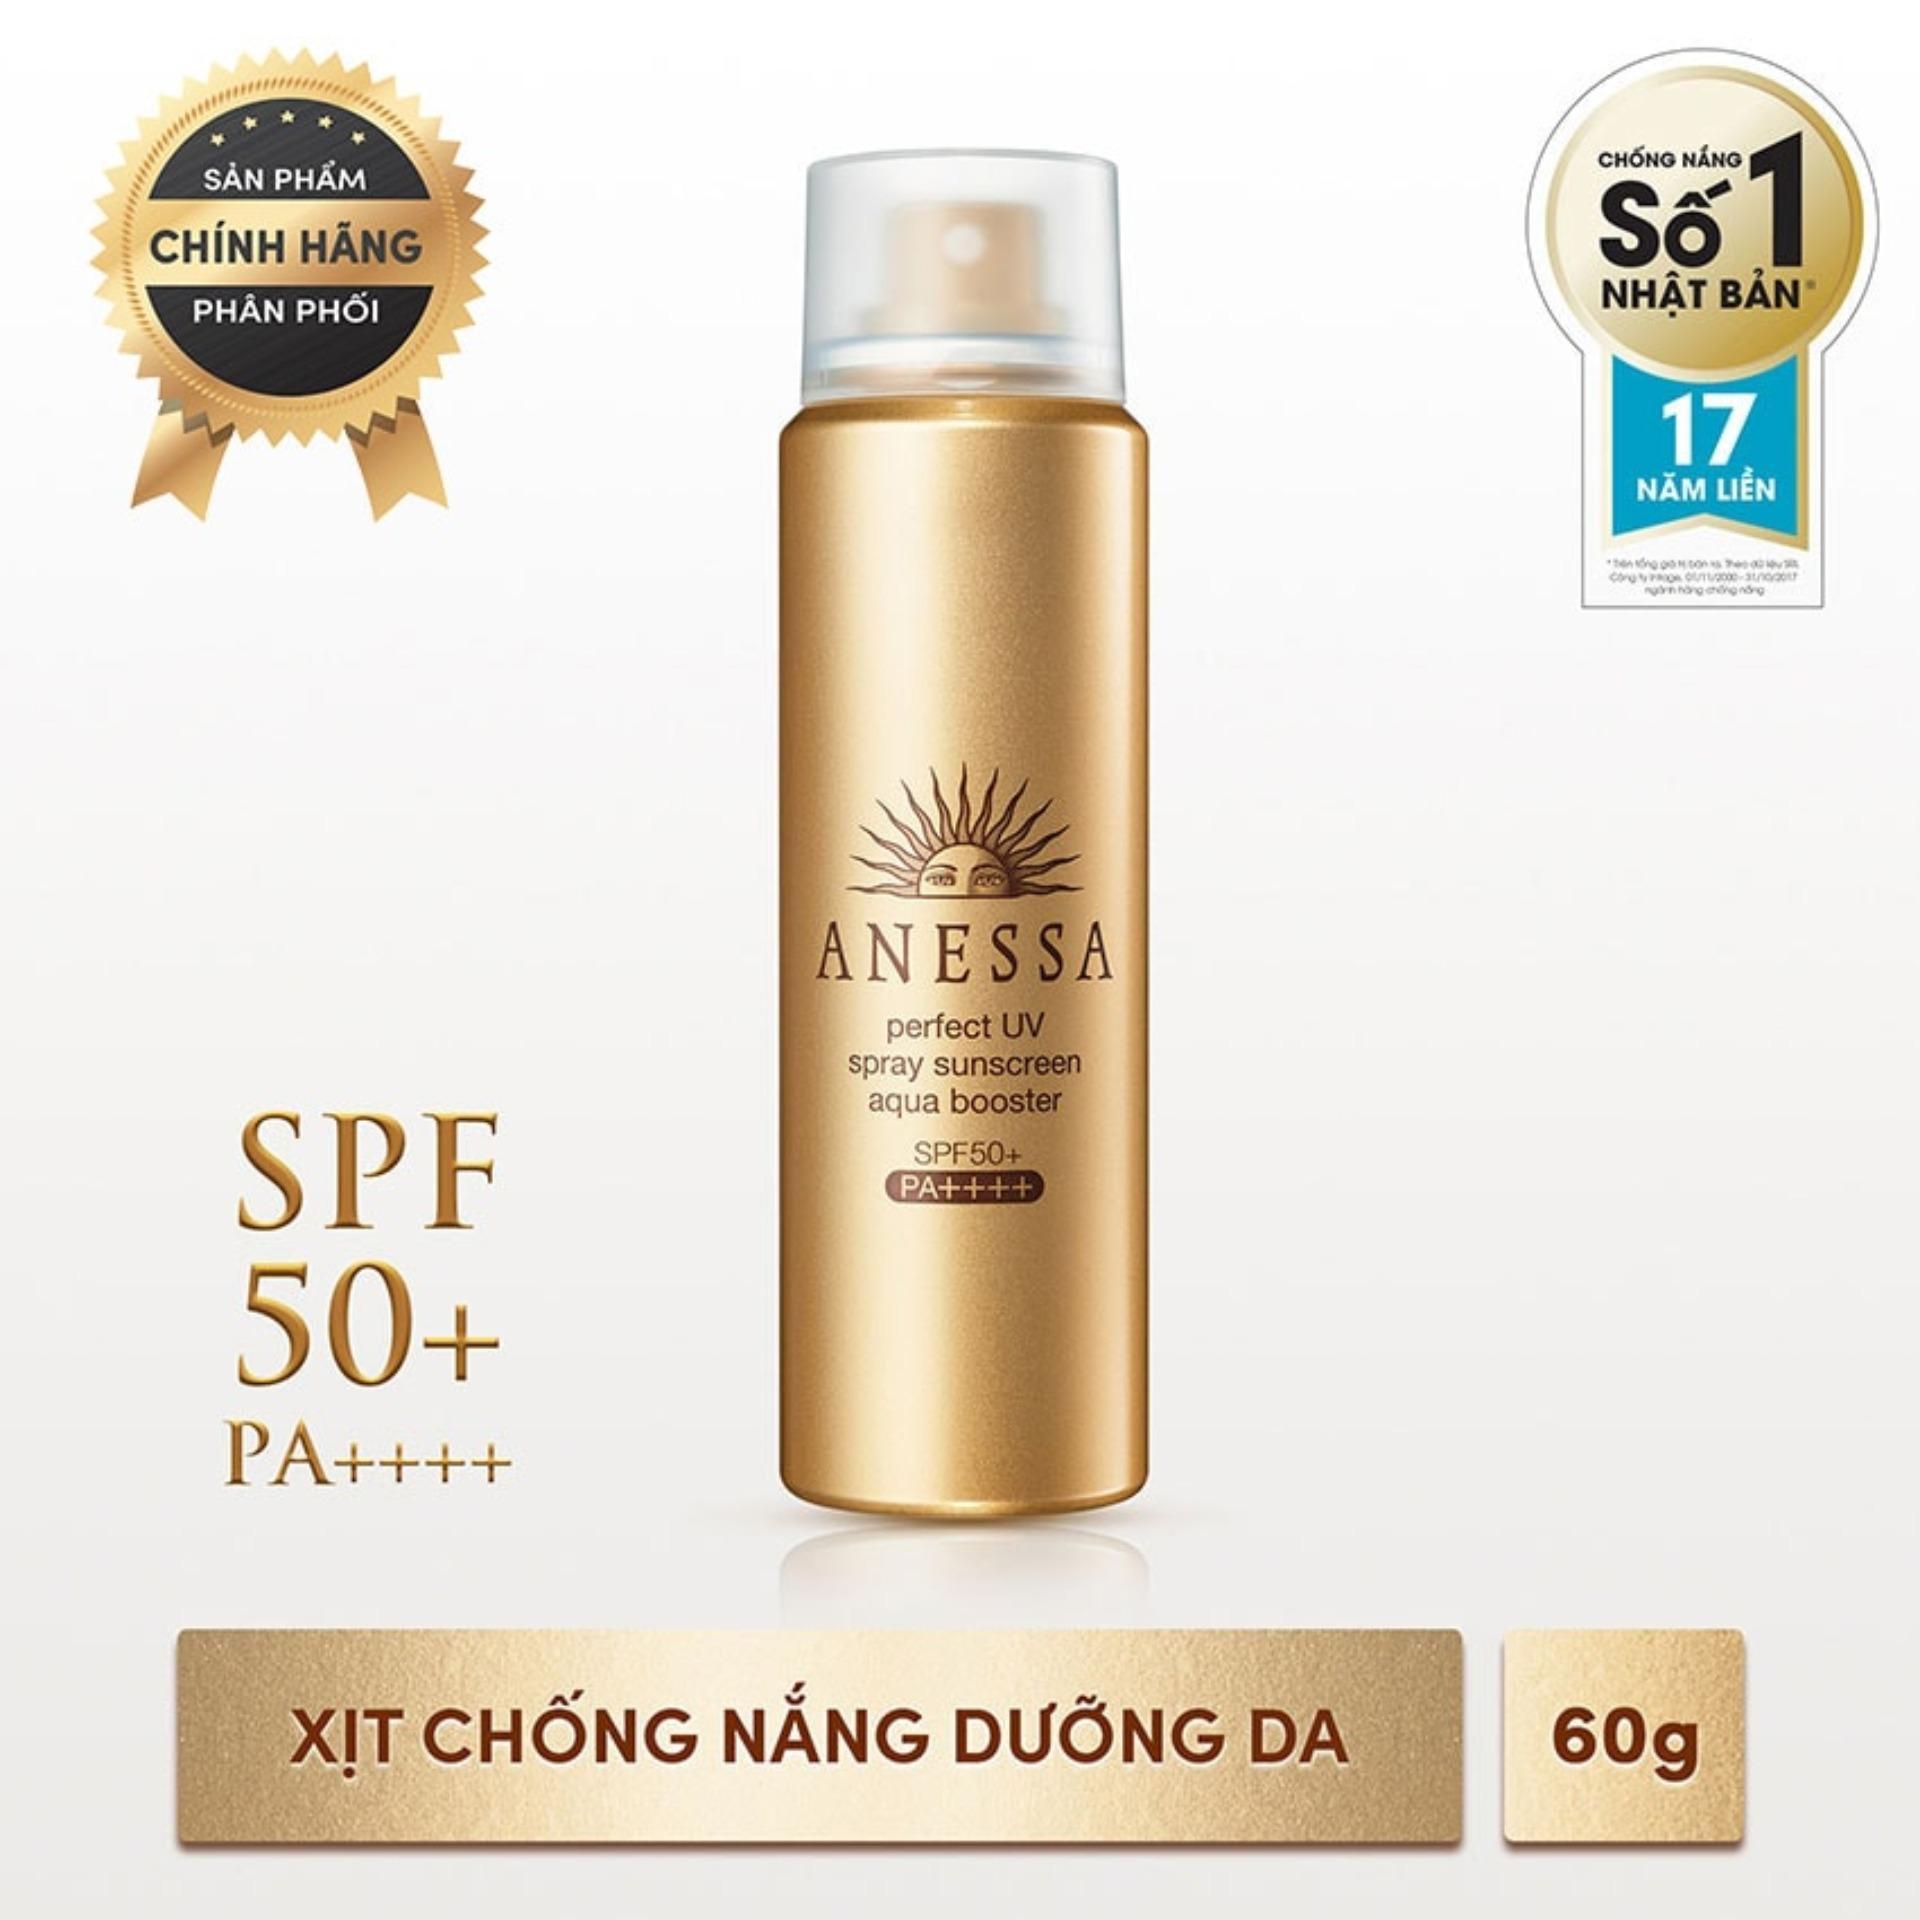 Xịt chống nắng bảo vệ hoàn hảo khô thoáng Anessa Perfect UV Sunscreen Skincare Spray - SPF50+, PA++++ - 60g